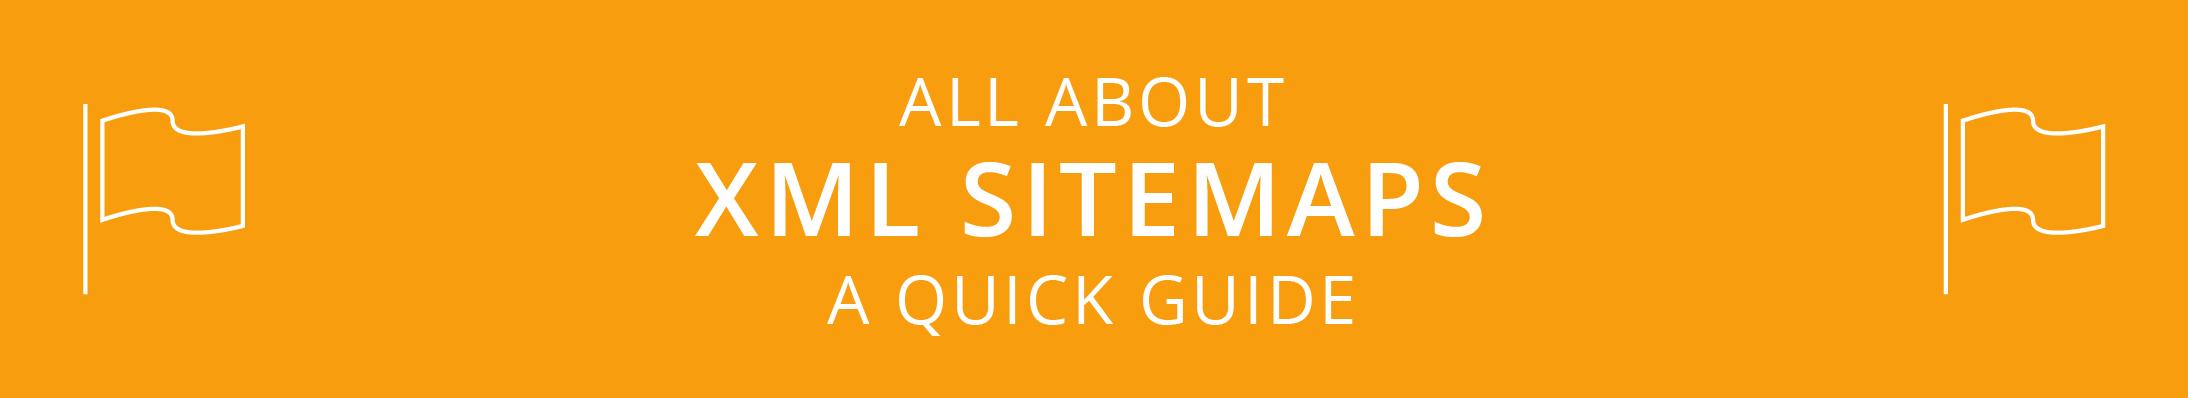 EN - SEO GUIDES - XML Sitemaps